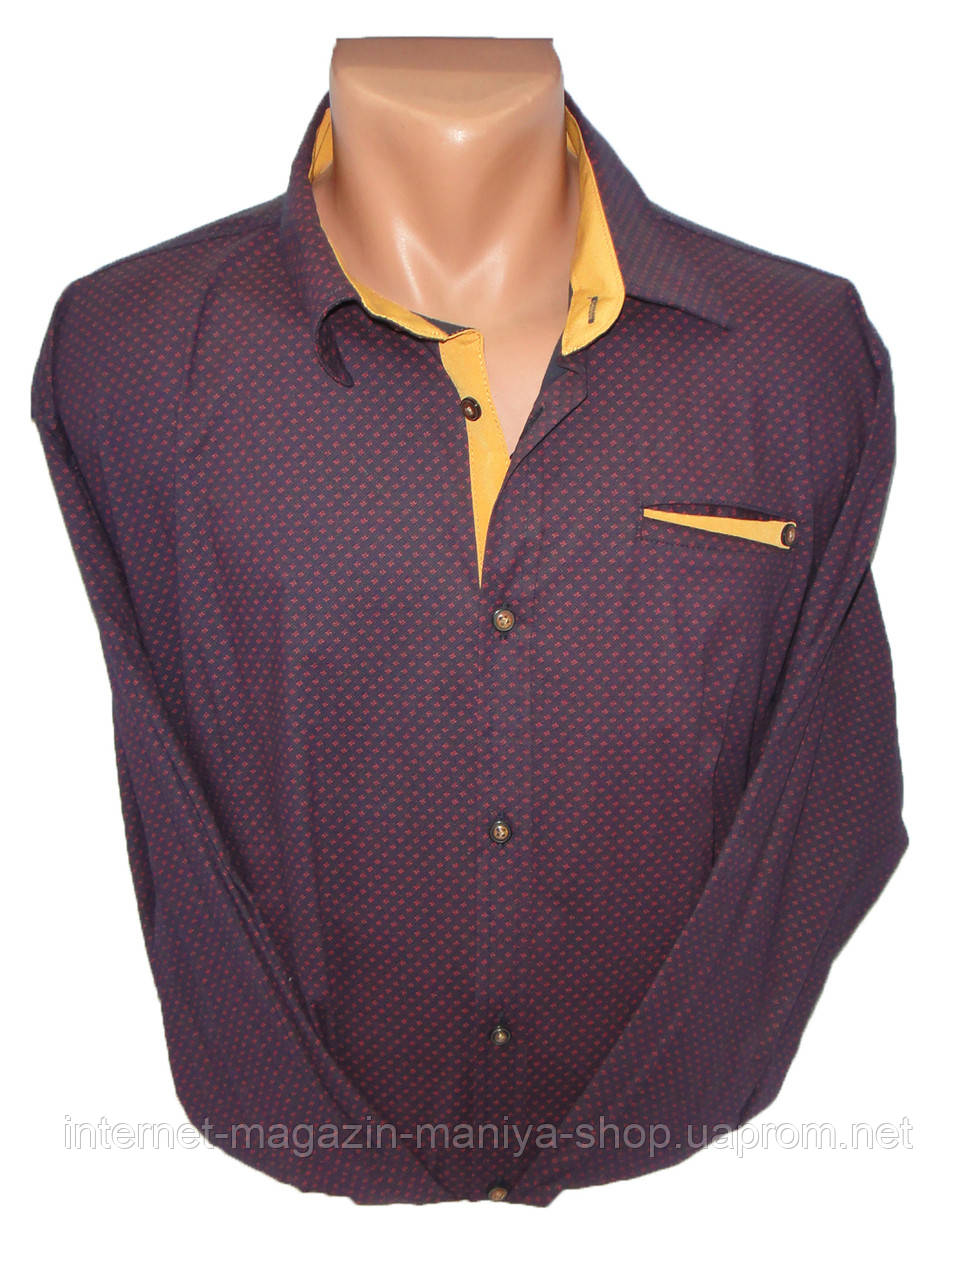 Рубашка мужская рукав длинный батал